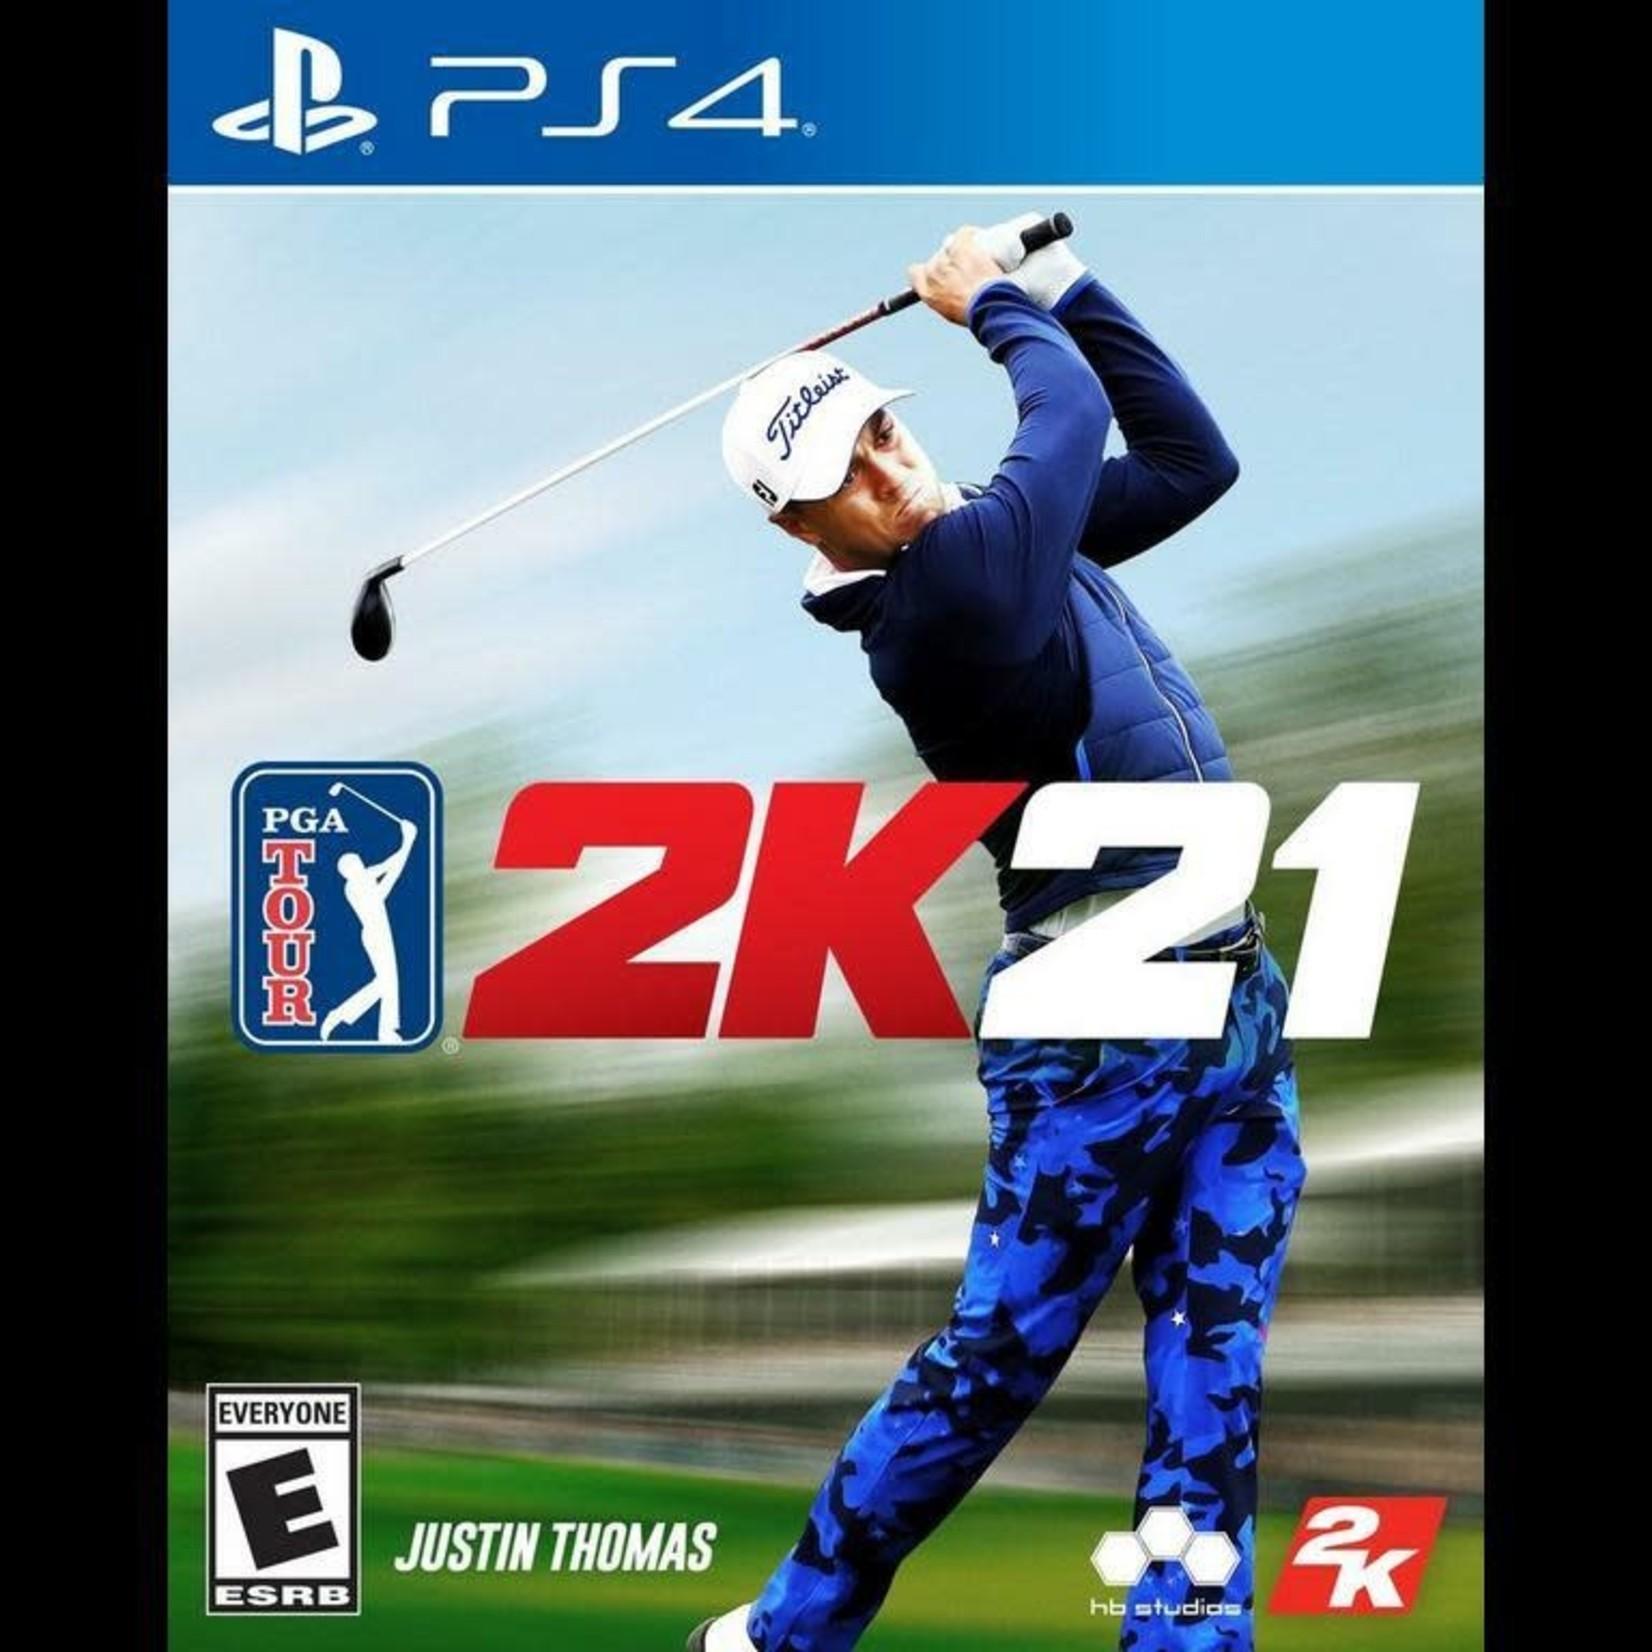 PS4-PGA Tour 2K21